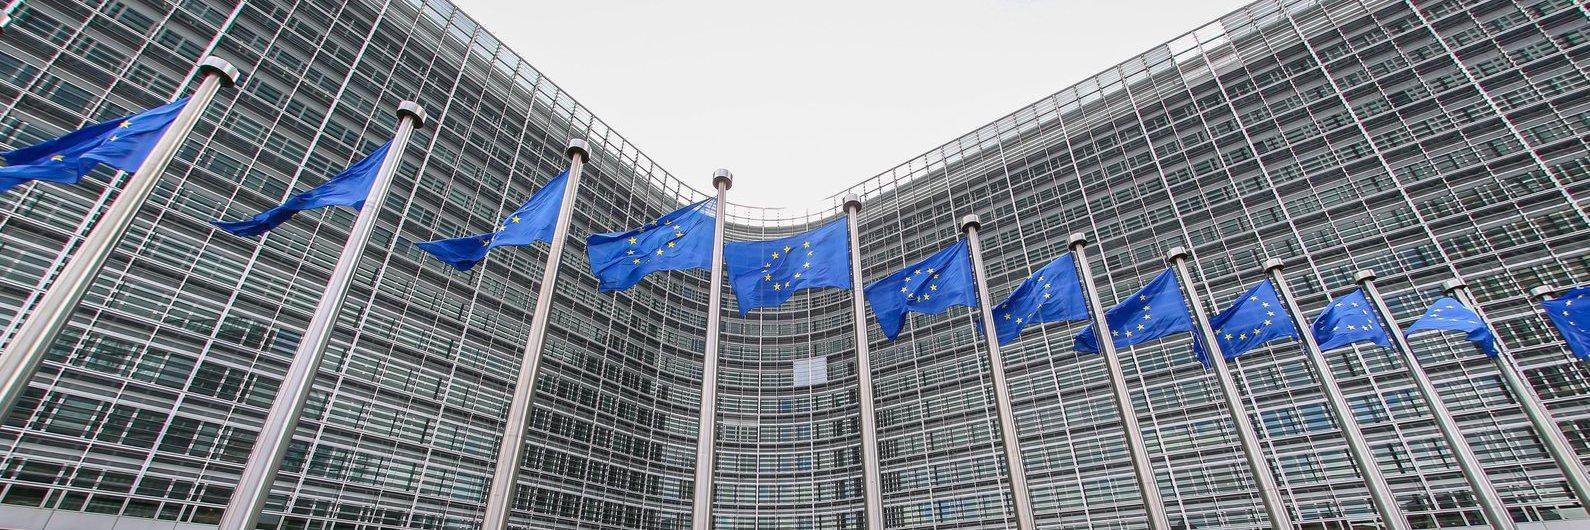 União Europeia: uma ideia improvável que deu certo… até agora